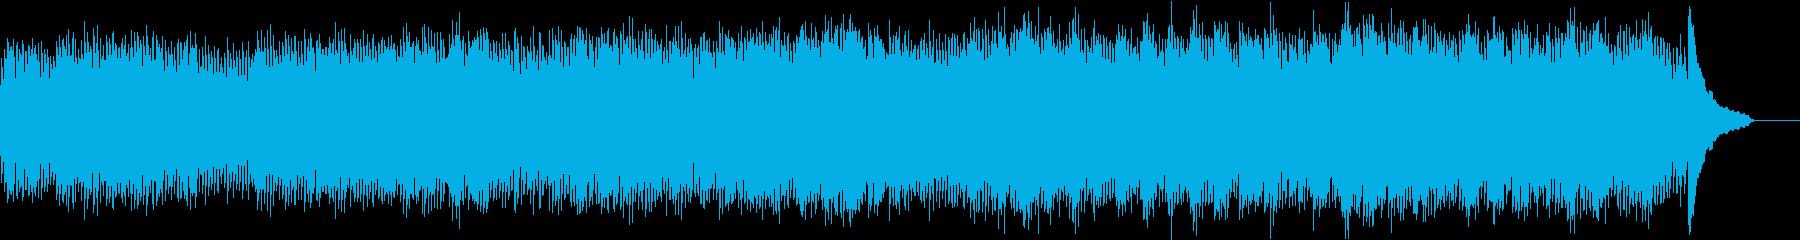 バッハの有名曲をチェンバロでの再生済みの波形